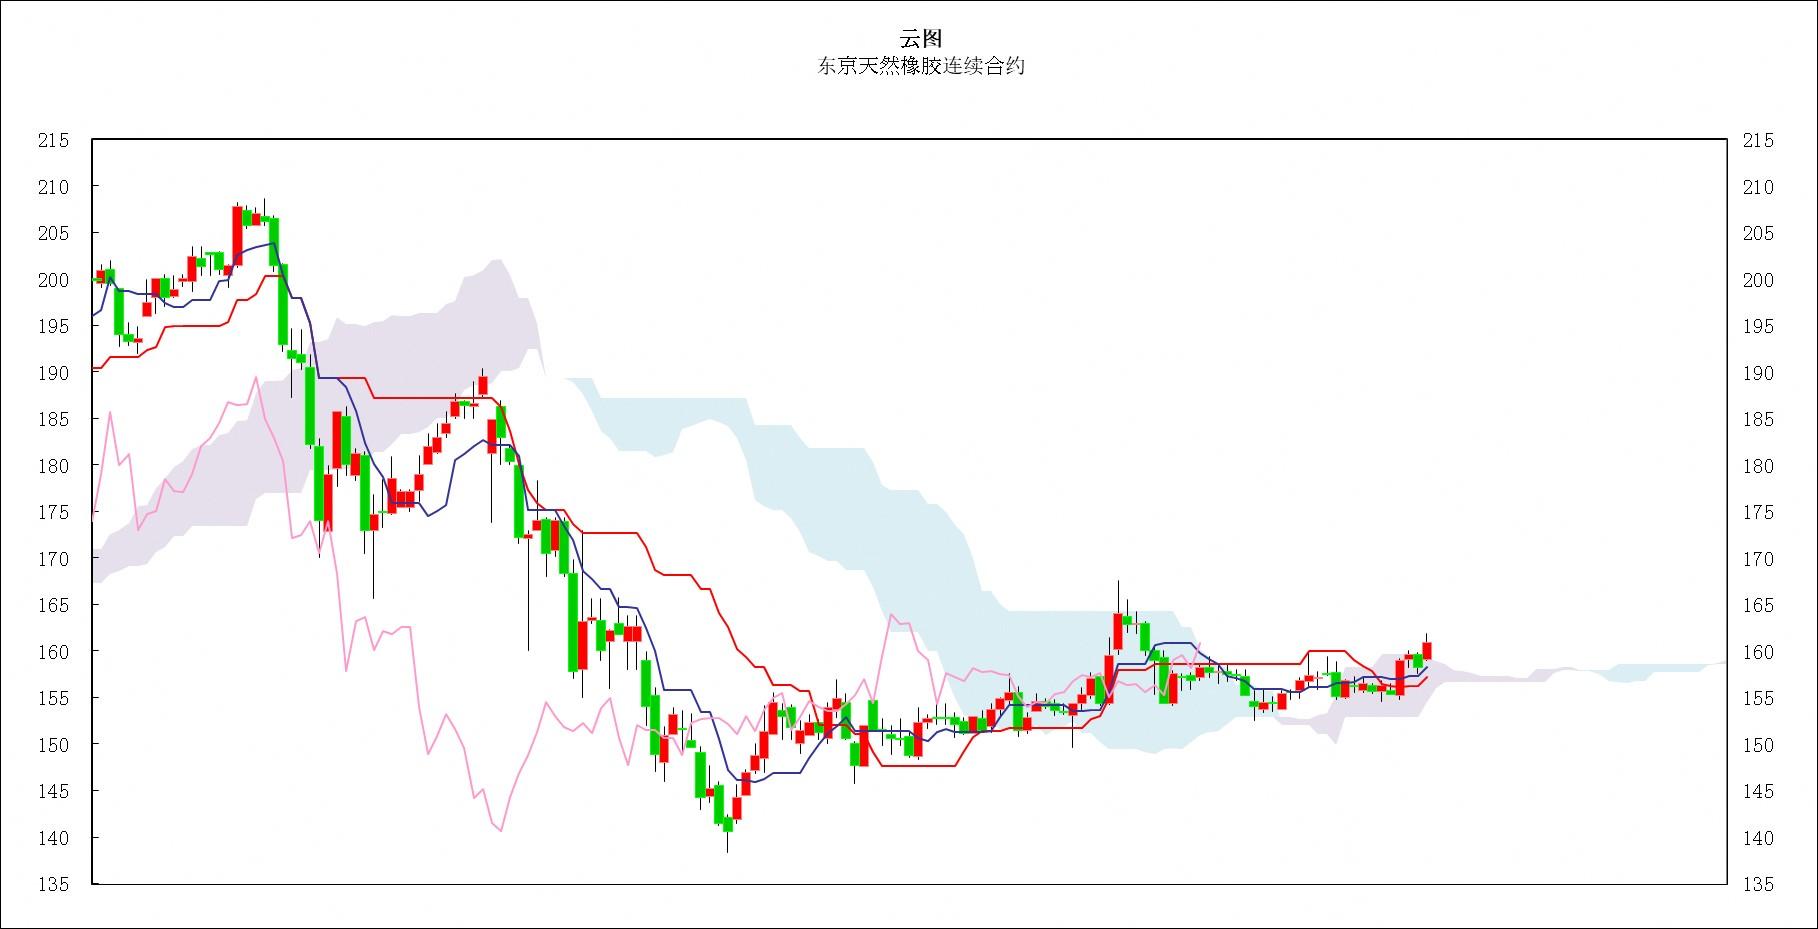 日本商品市场日评:东京黄金价格继续走高,橡胶市场新开合约走势坚挺